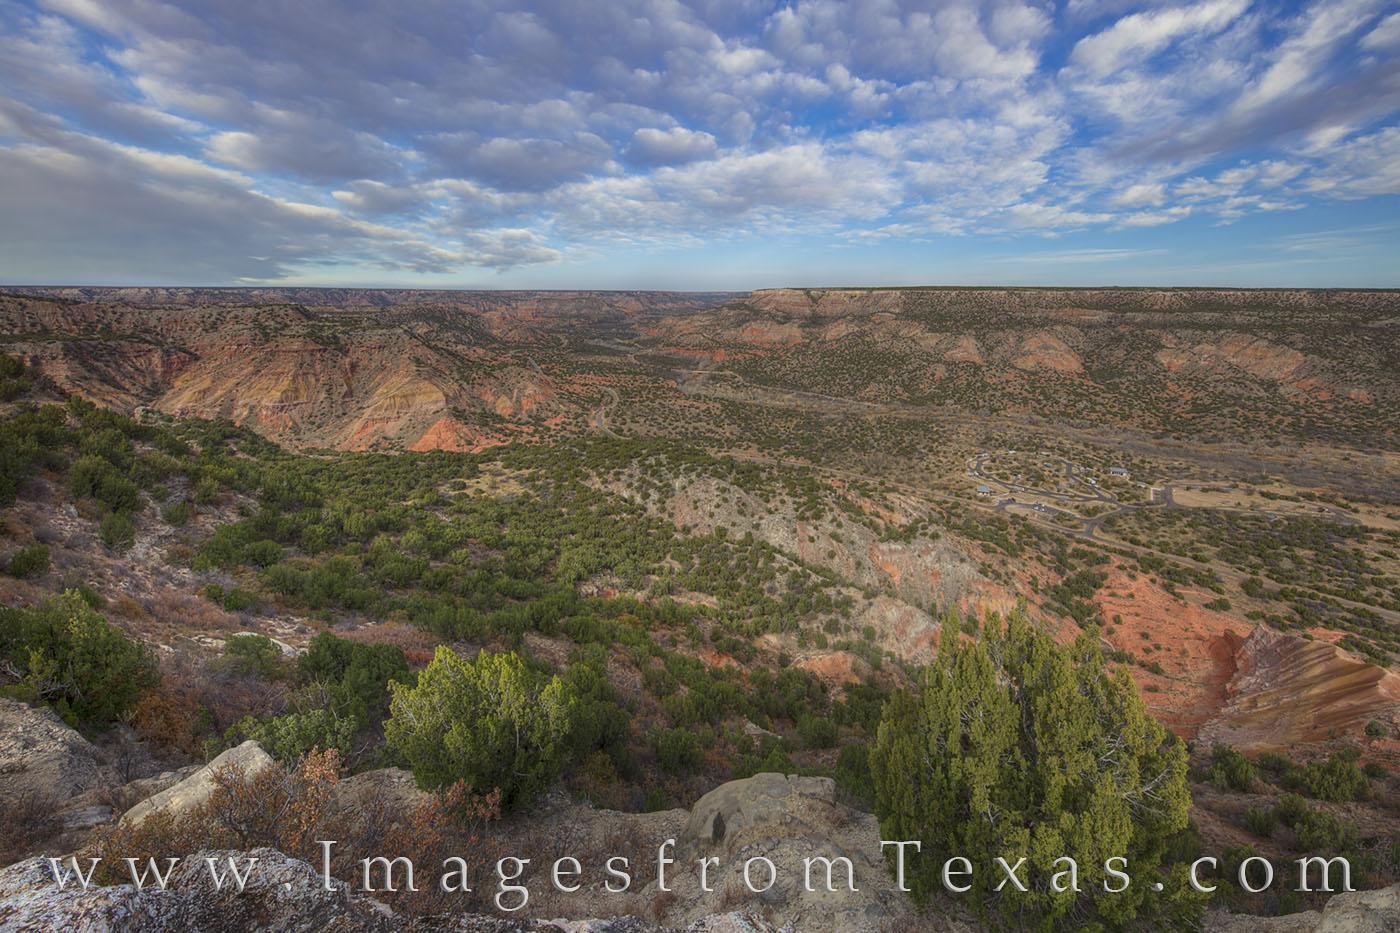 palo duro canyon, texas canyons, texas state parks, exas hiking, hiking texas, texas secrets, texas landscapes, canyon, amarillo, sunrise, texas sunrise, canyon rim, photo